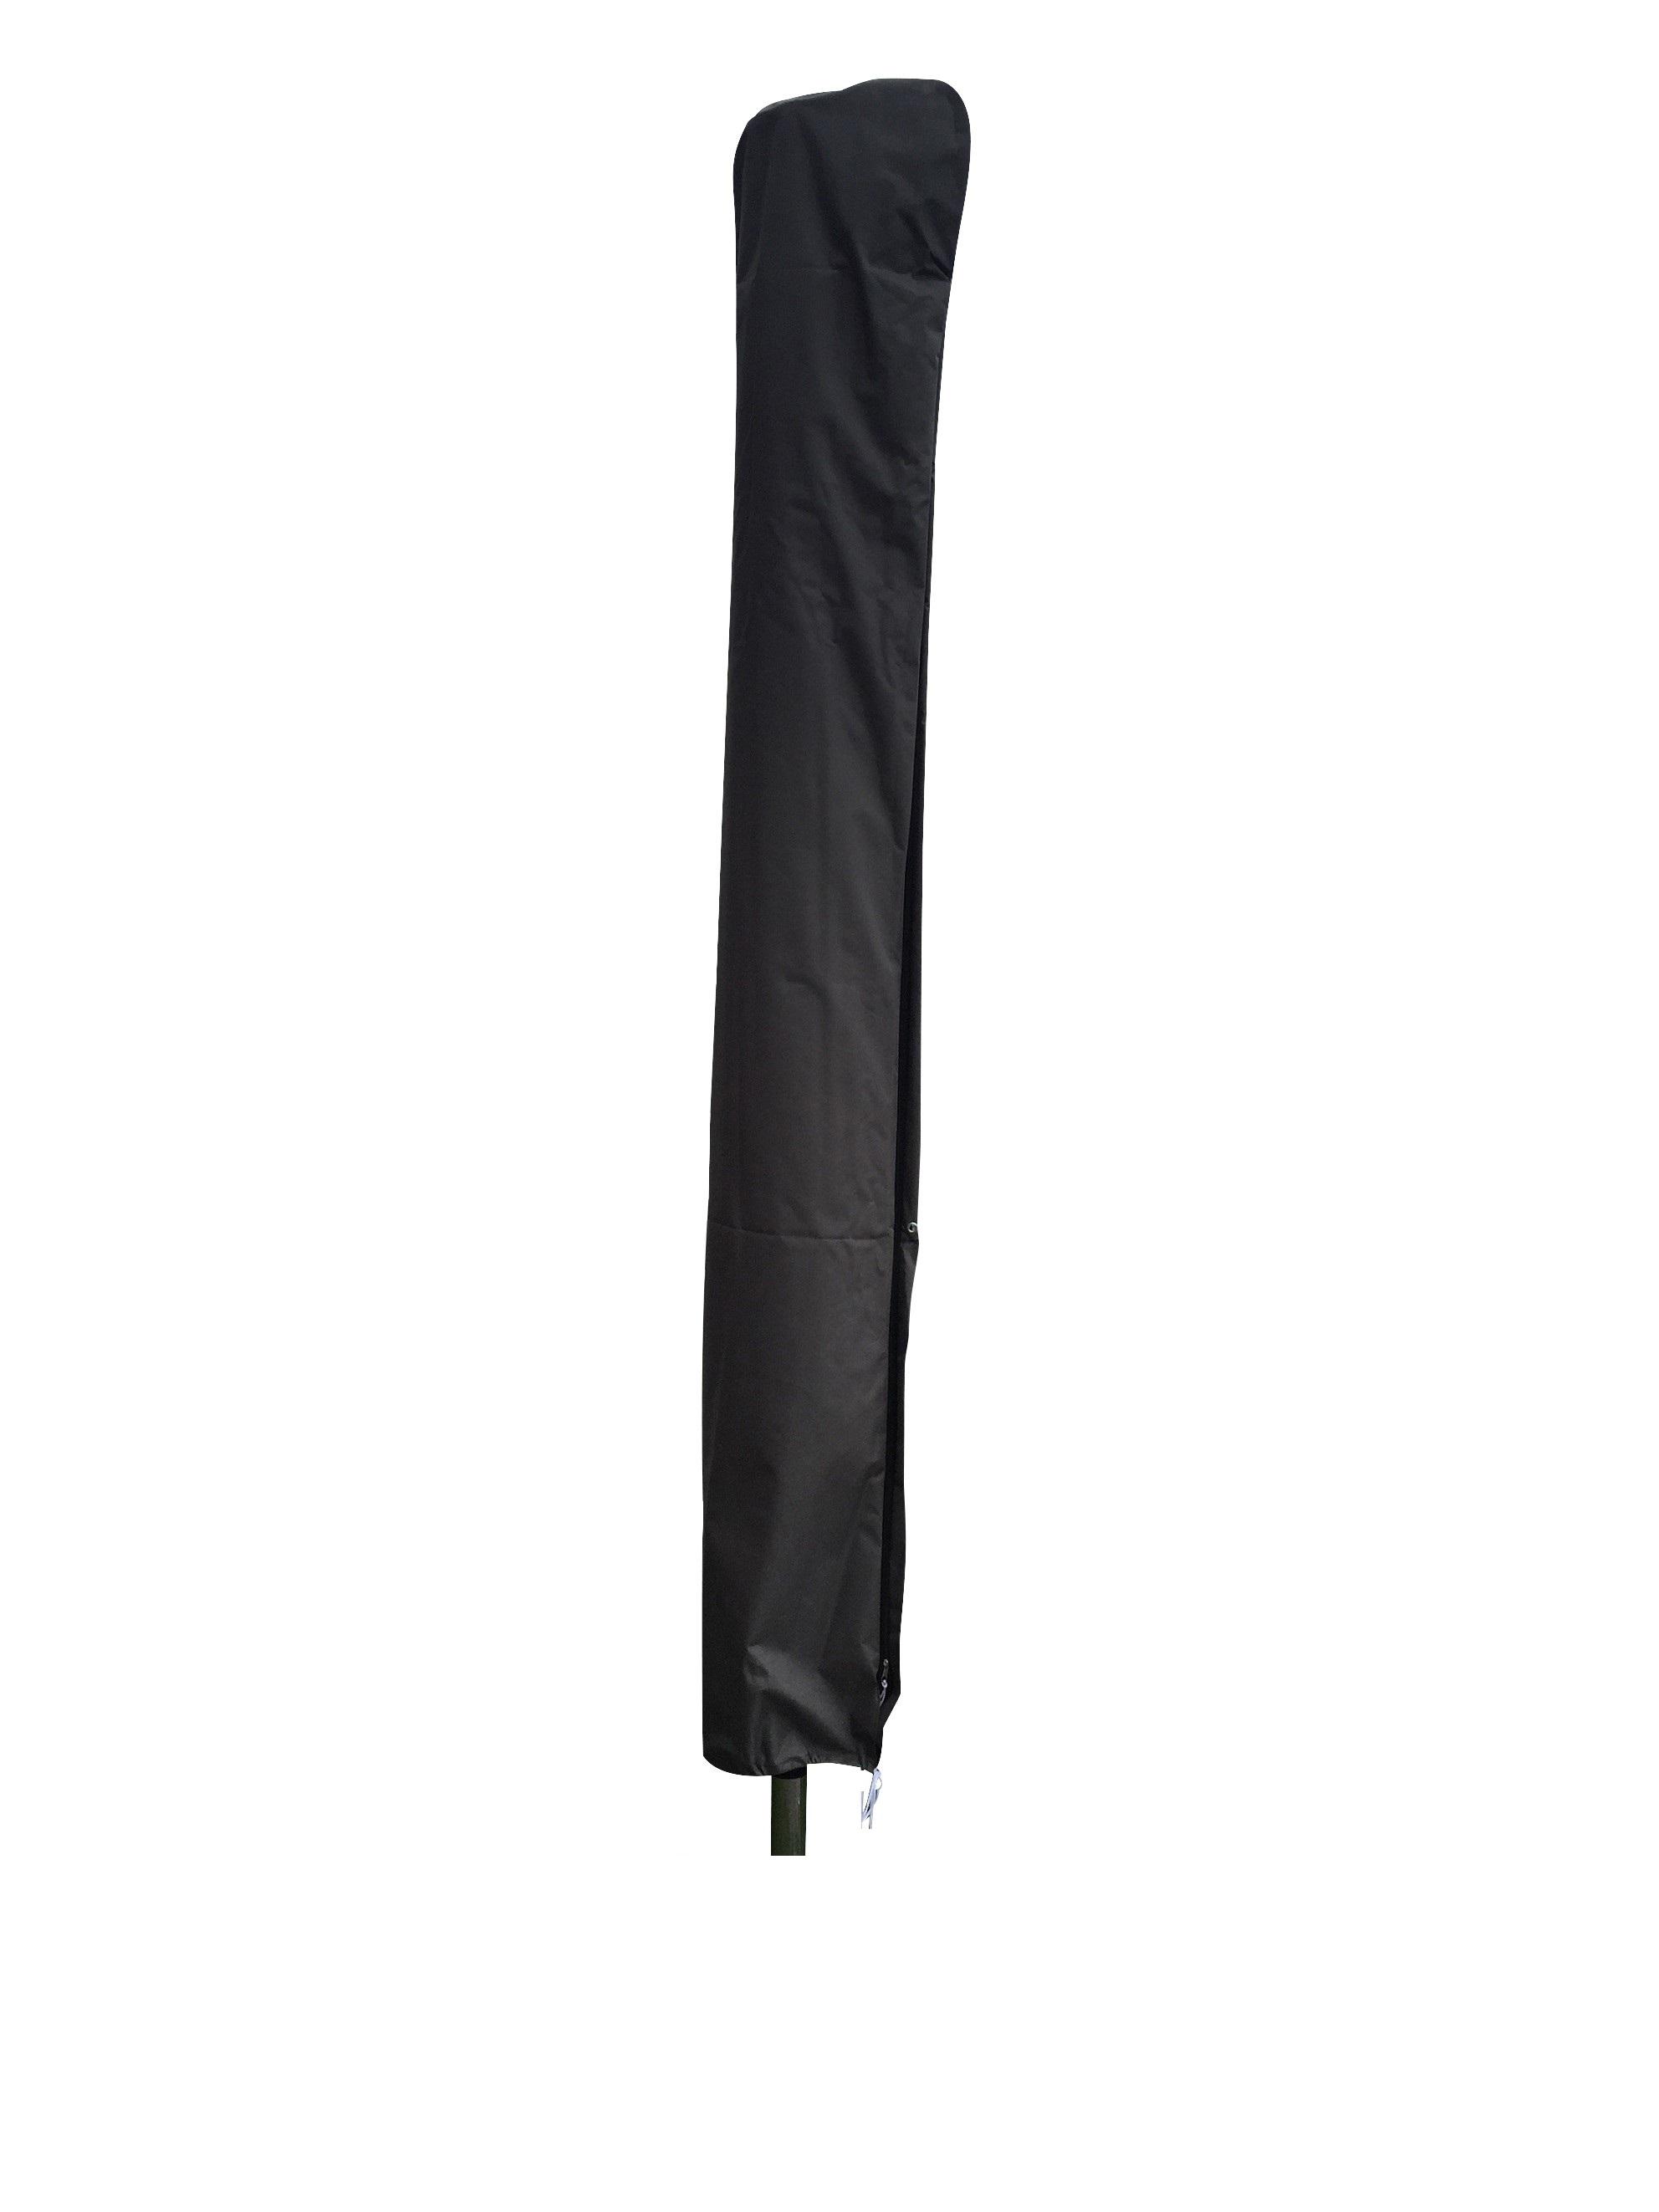 schutzh lle mit stab f r mittelmast sonnenschirme 250 400cm 1 schutzh llen garten. Black Bedroom Furniture Sets. Home Design Ideas